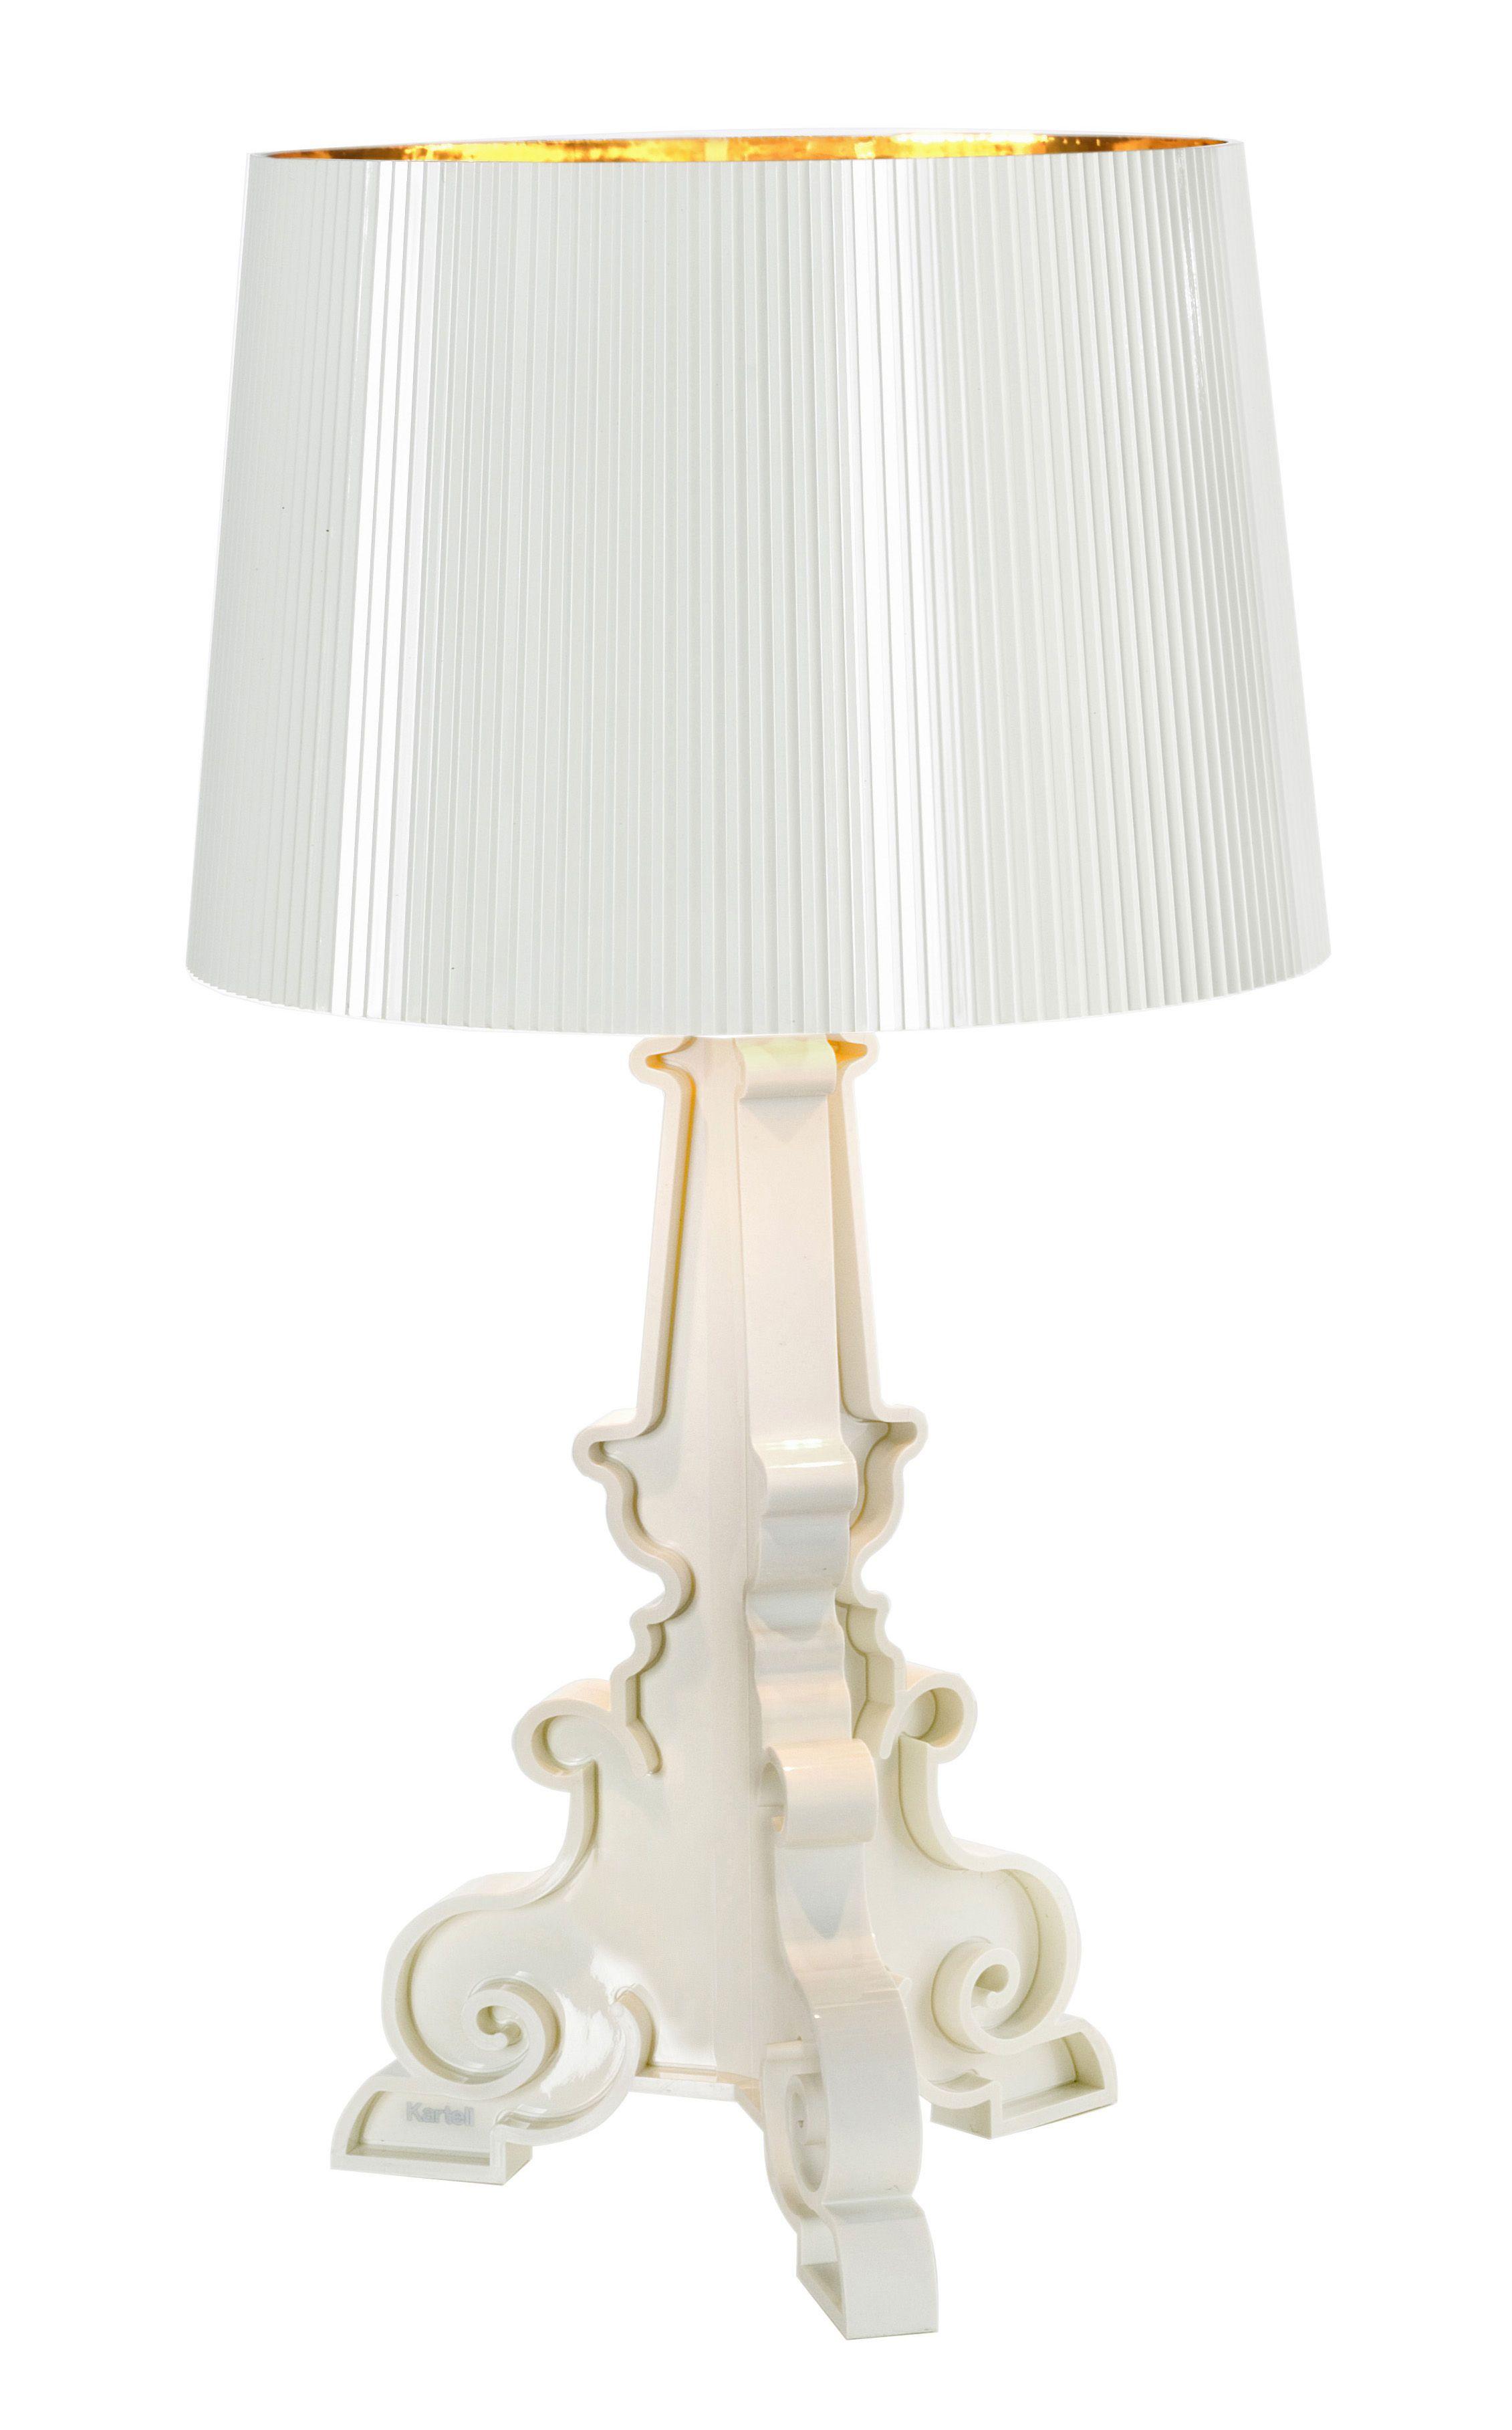 Lampe Tati Kartell Beige   Made In Design